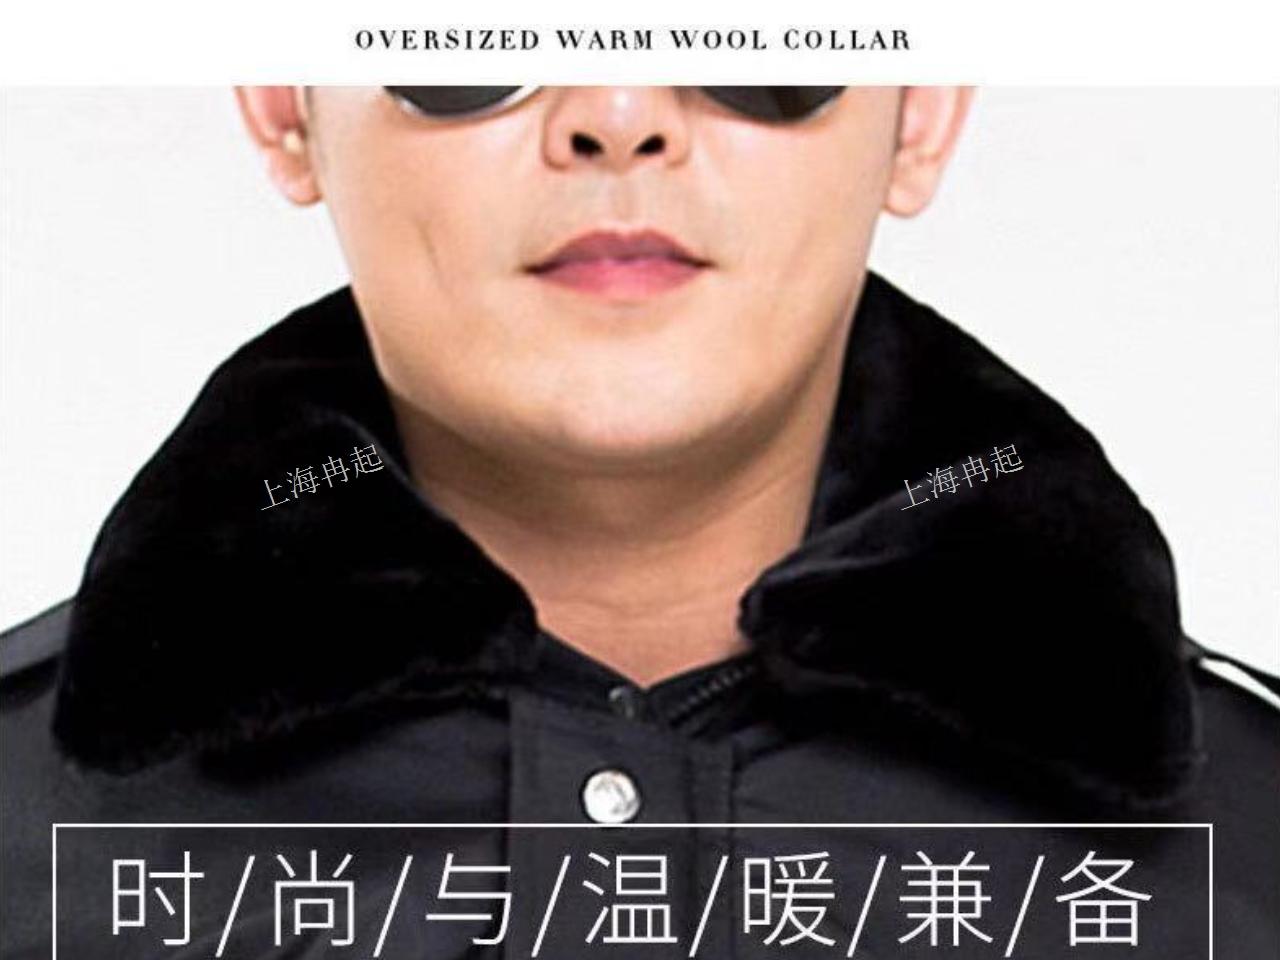 静安区常规款加厚工作服 有口皆碑「上海冉起服饰供应」